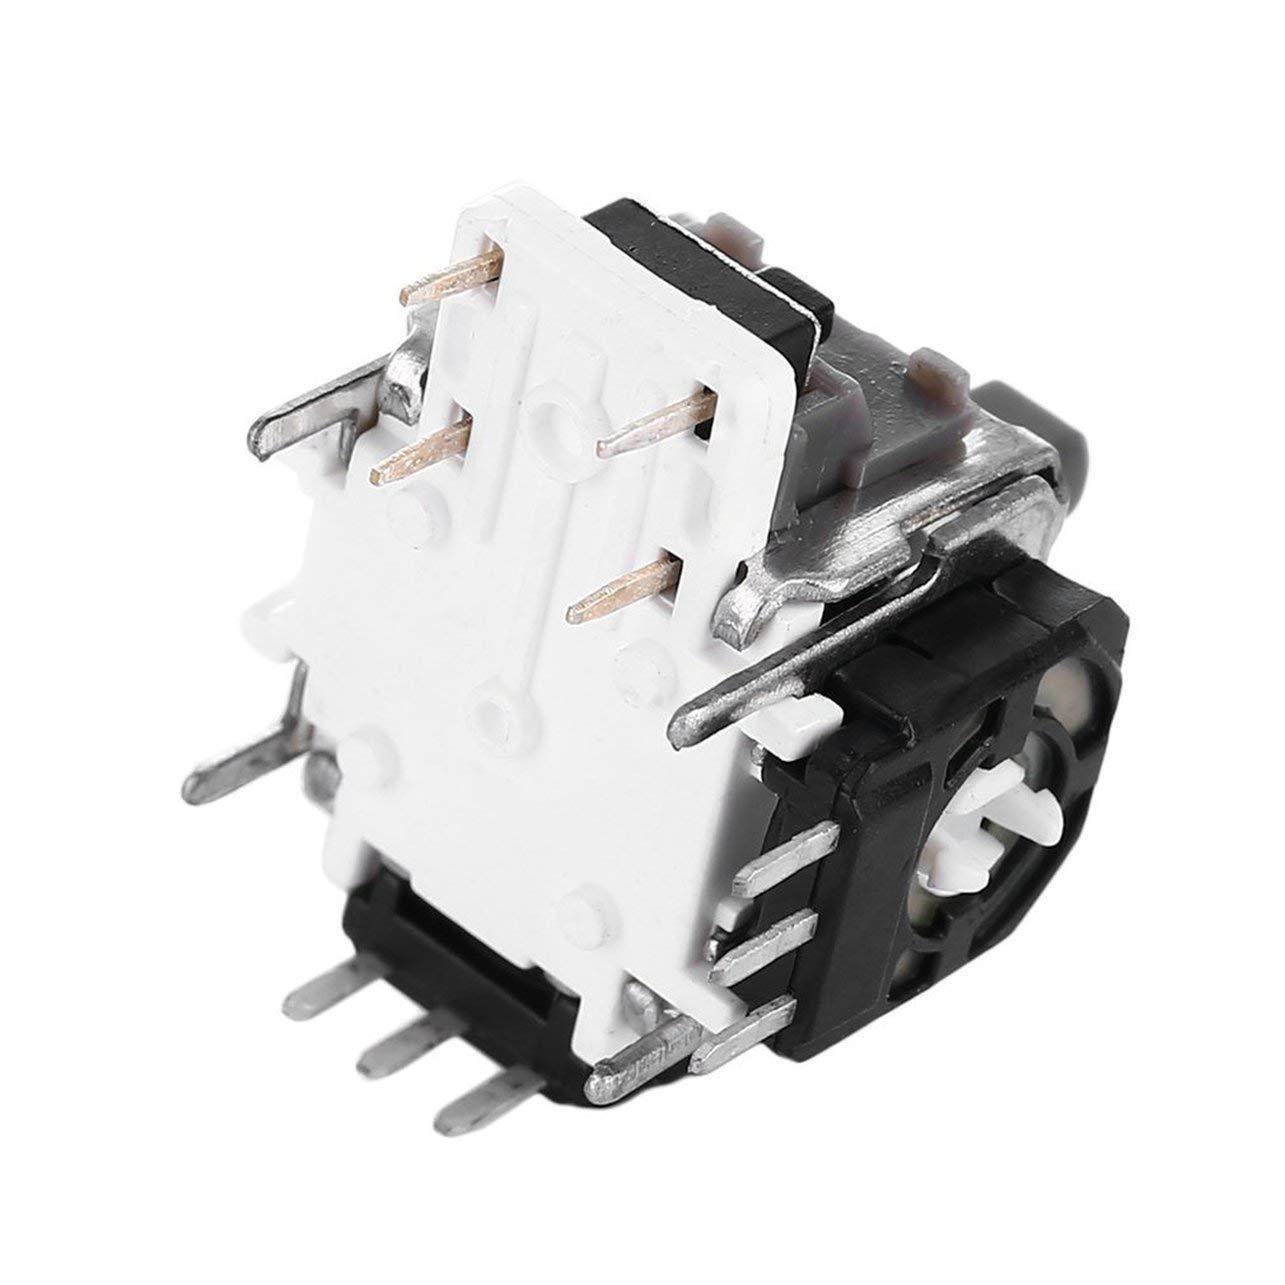 WOSOSYEYO Hot 3D-Joystick f/ür Achse Analog-Sensor-Modul Ersatz f/ür Playstation f/ür PS4-Controller Gro/ßhandel